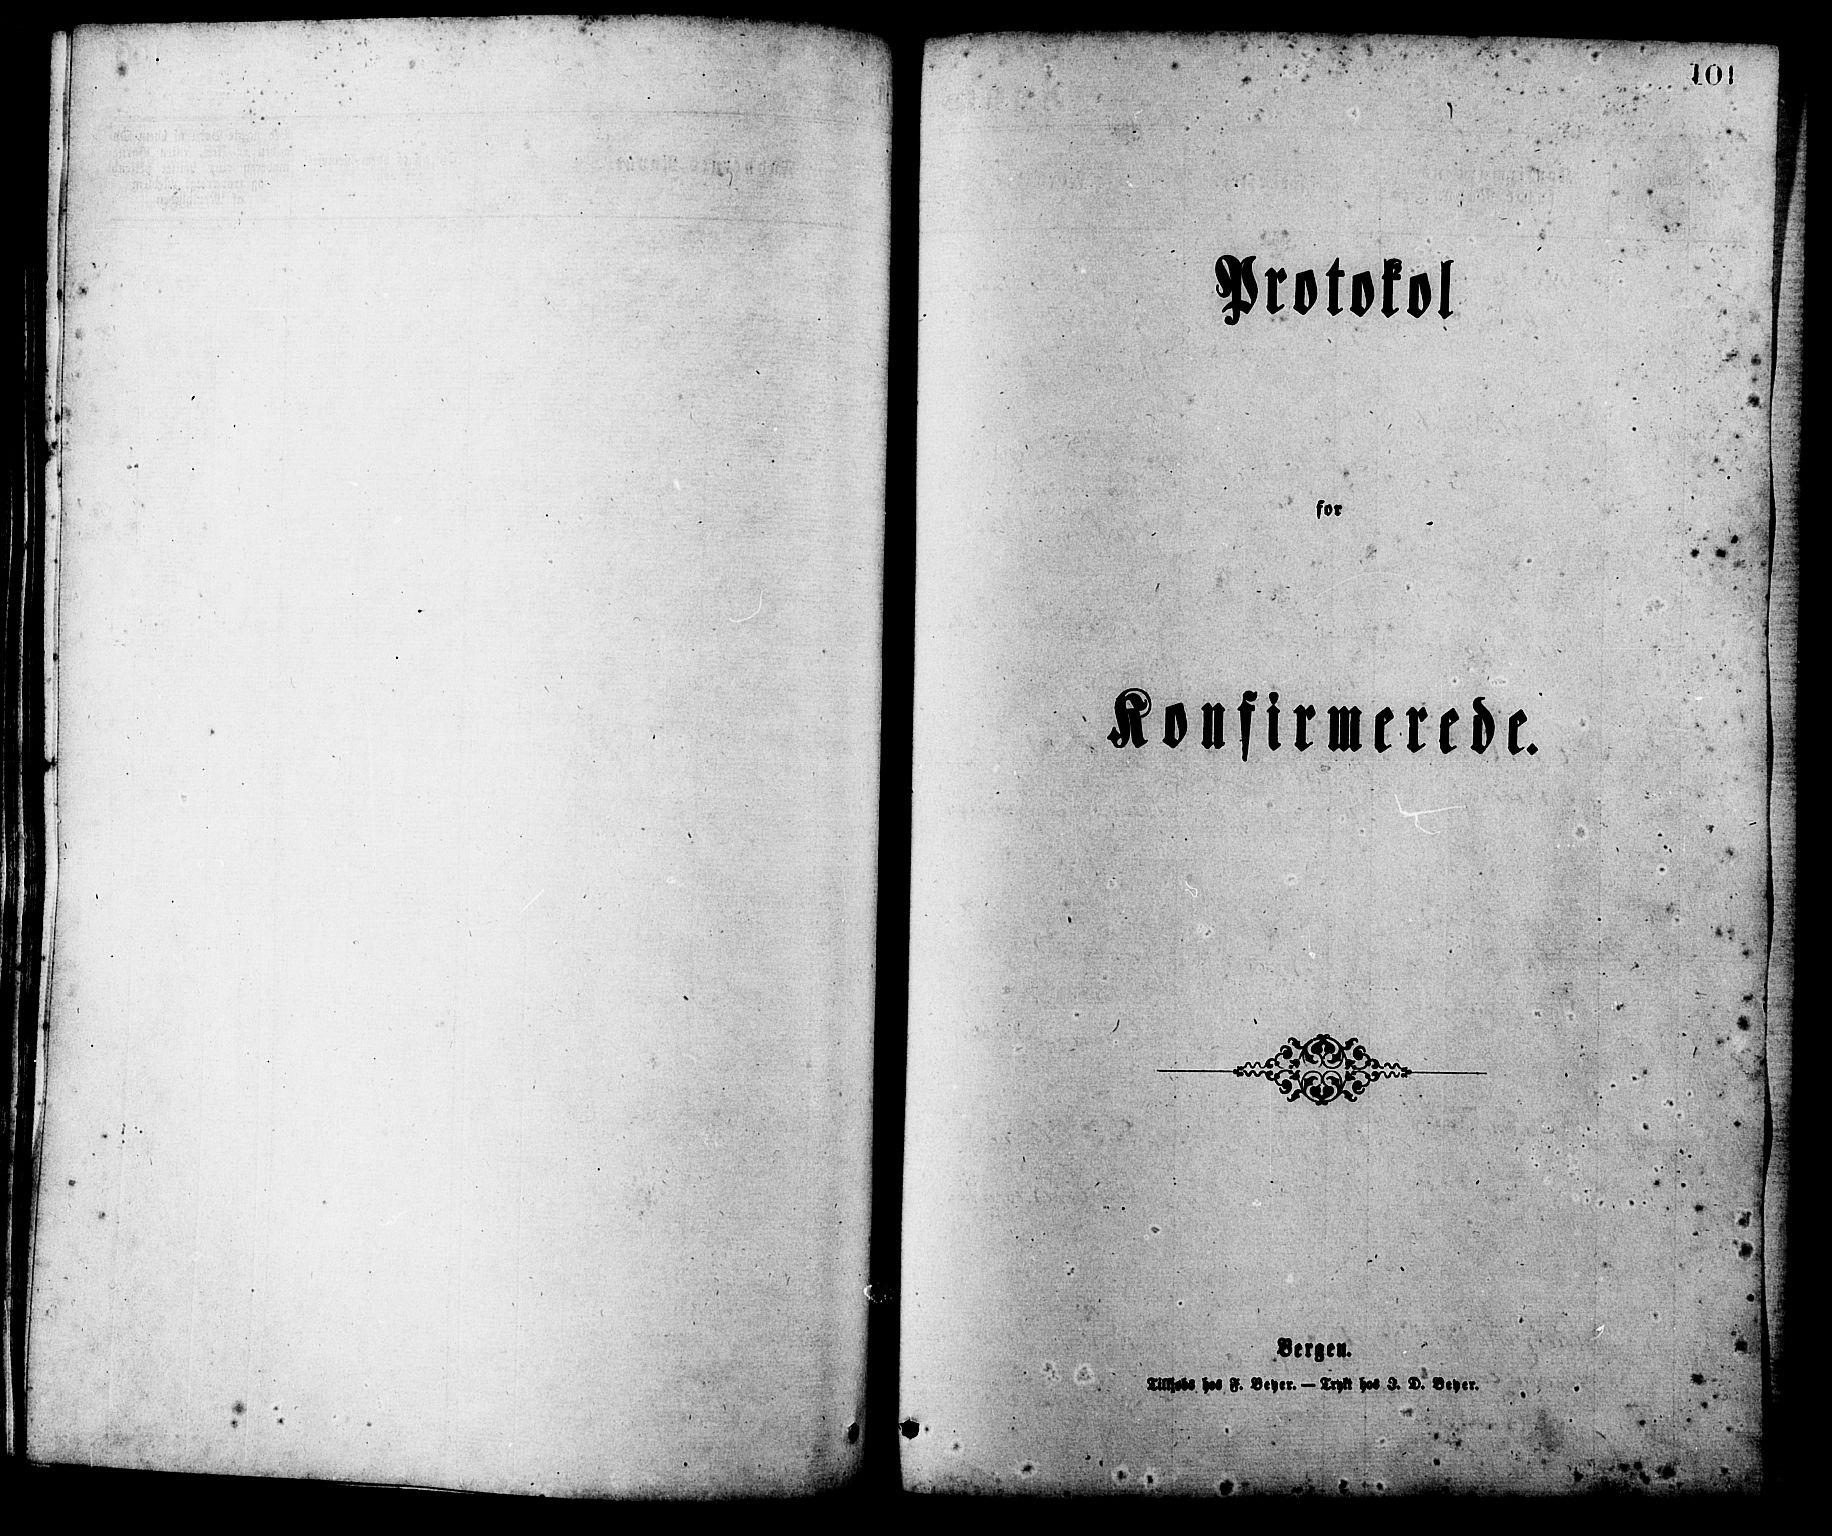 SAT, Ministerialprotokoller, klokkerbøker og fødselsregistre - Møre og Romsdal, 537/L0519: Ministerialbok nr. 537A03, 1876-1889, s. 101